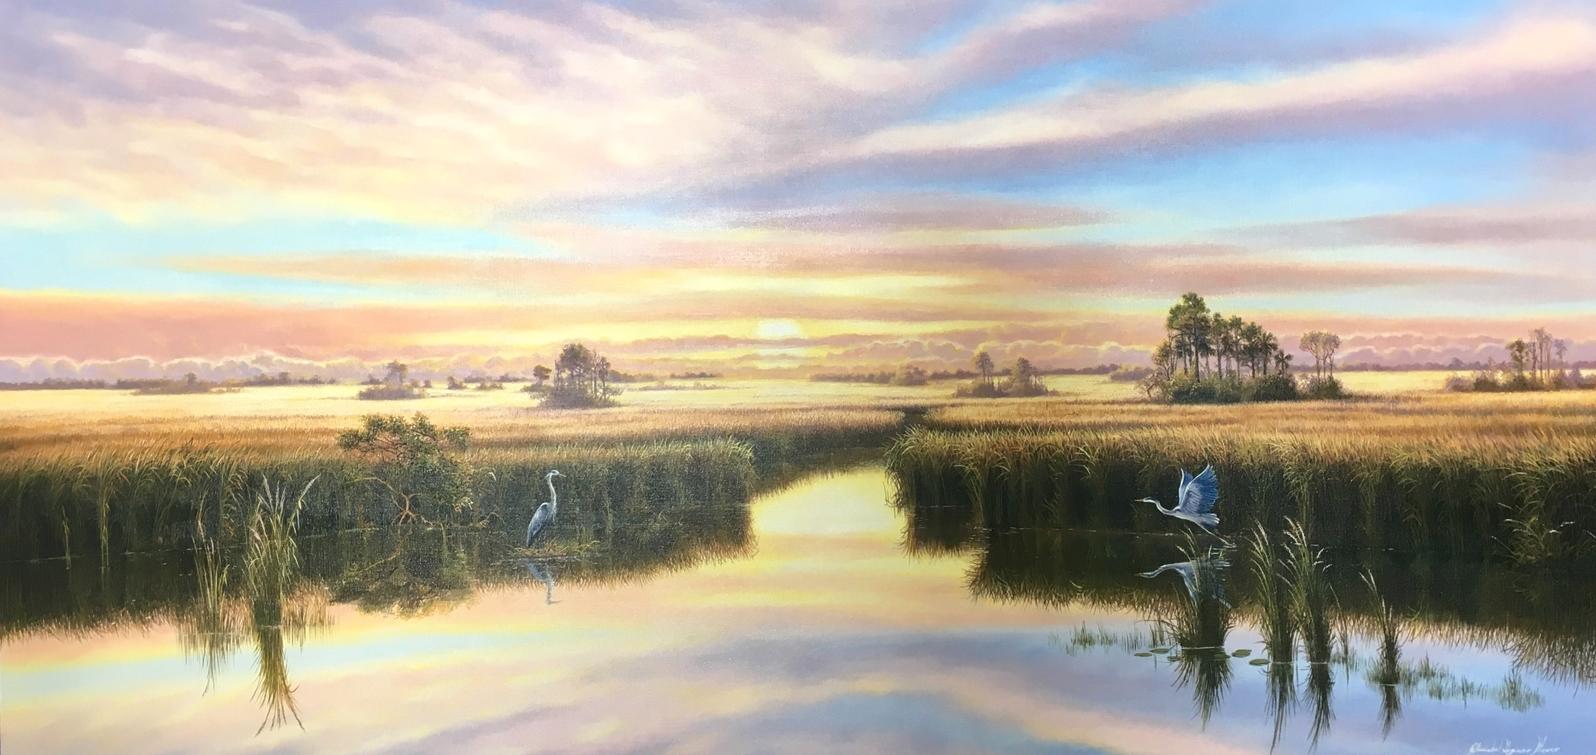 Quisbel  - Everglades Reunion